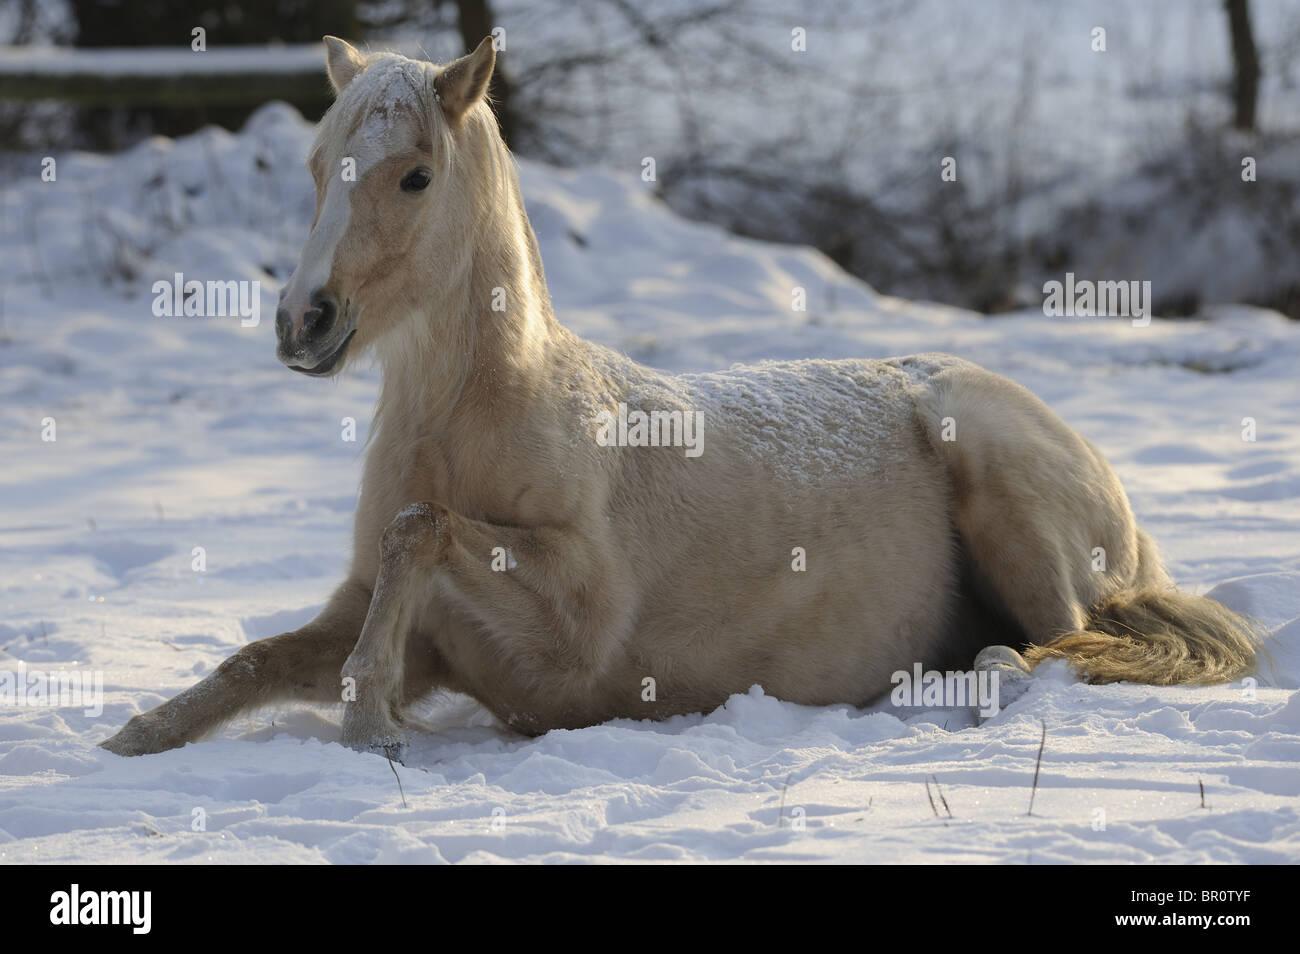 German Riding Pony (Equus ferus caballus). Mare lying in snow. - Stock Image